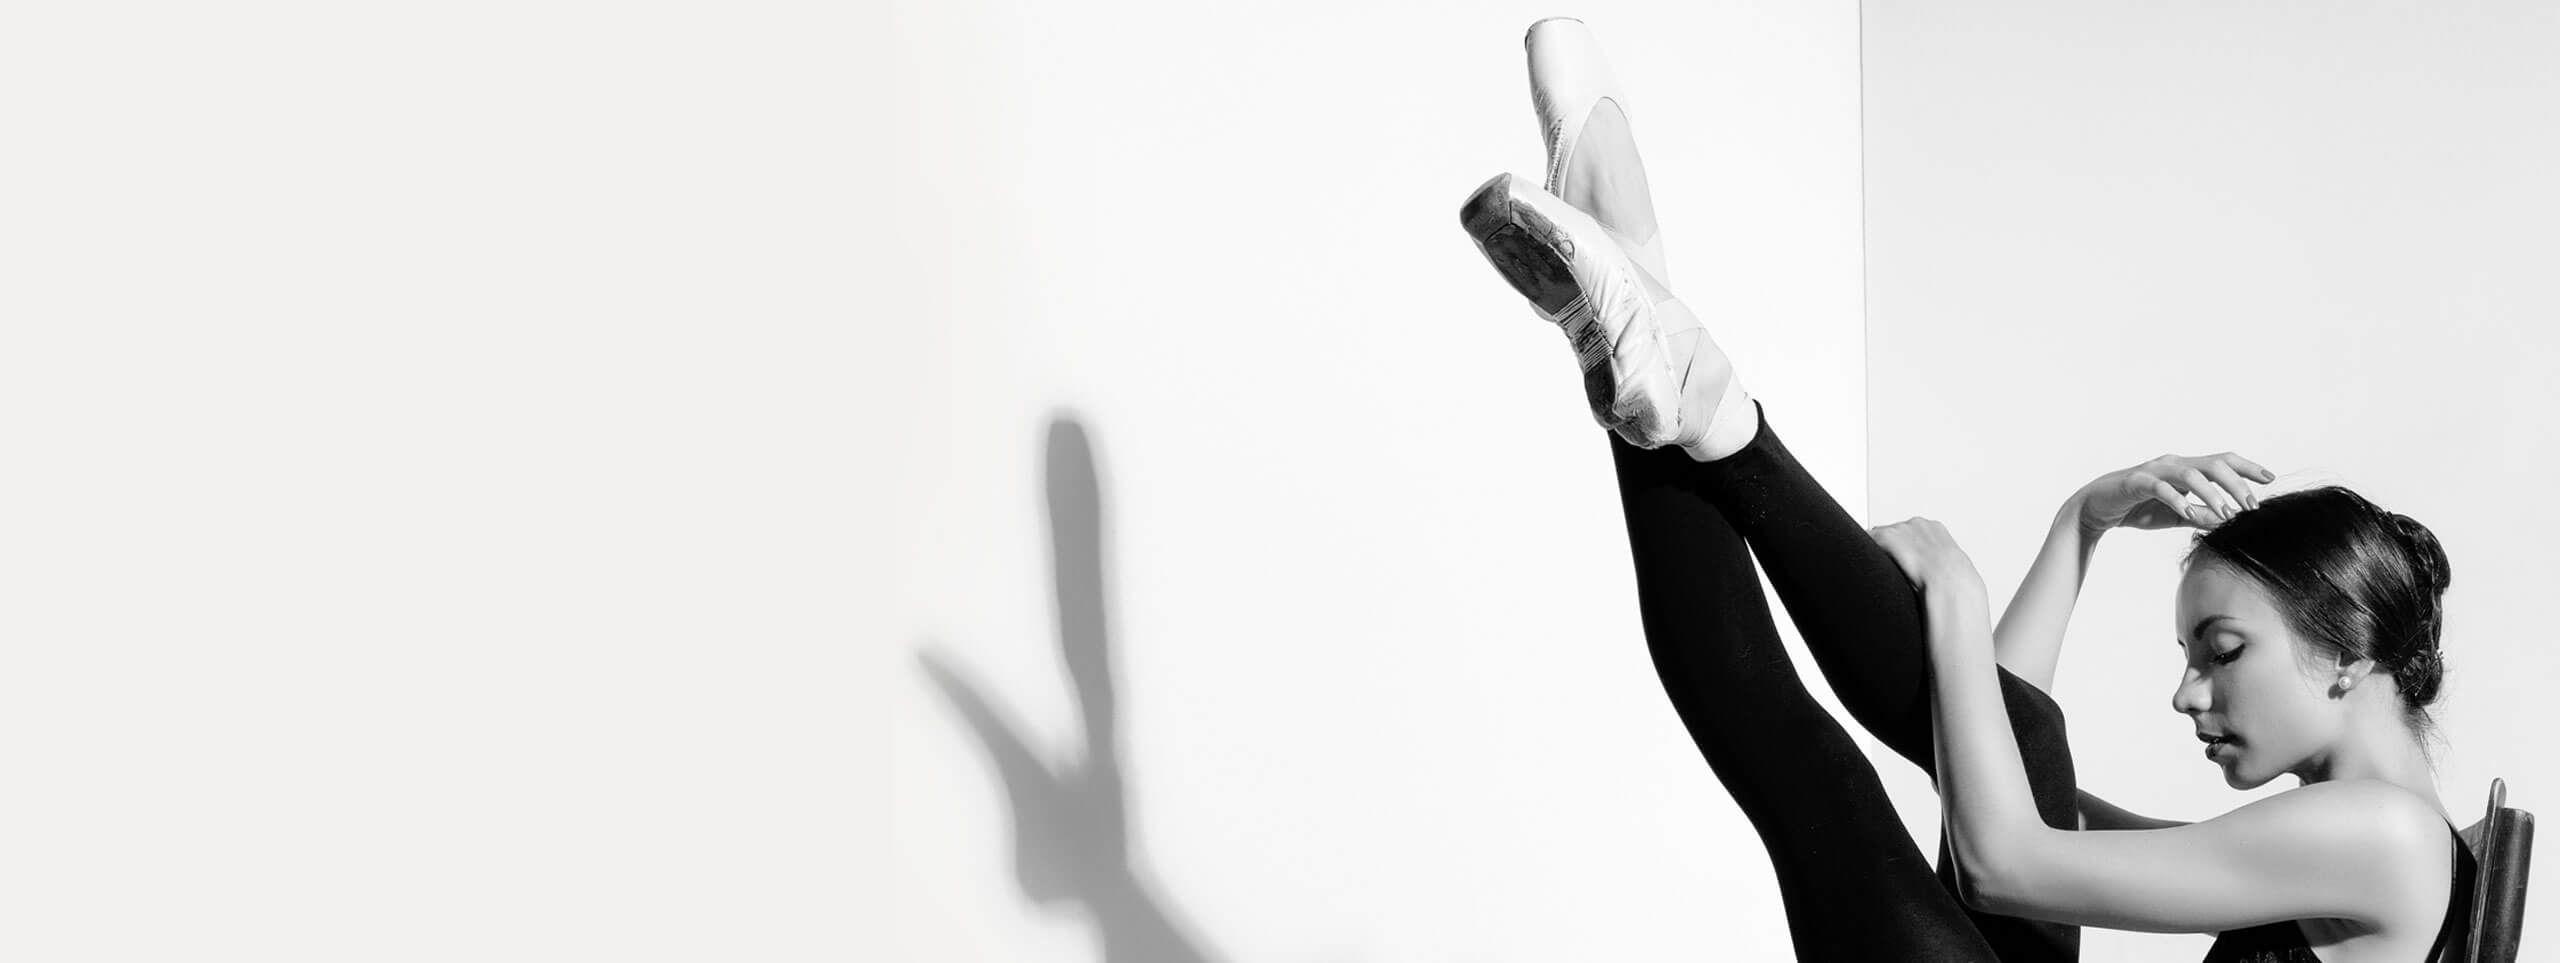 Kobieta w baletkach i z gładko upiętymi włosami